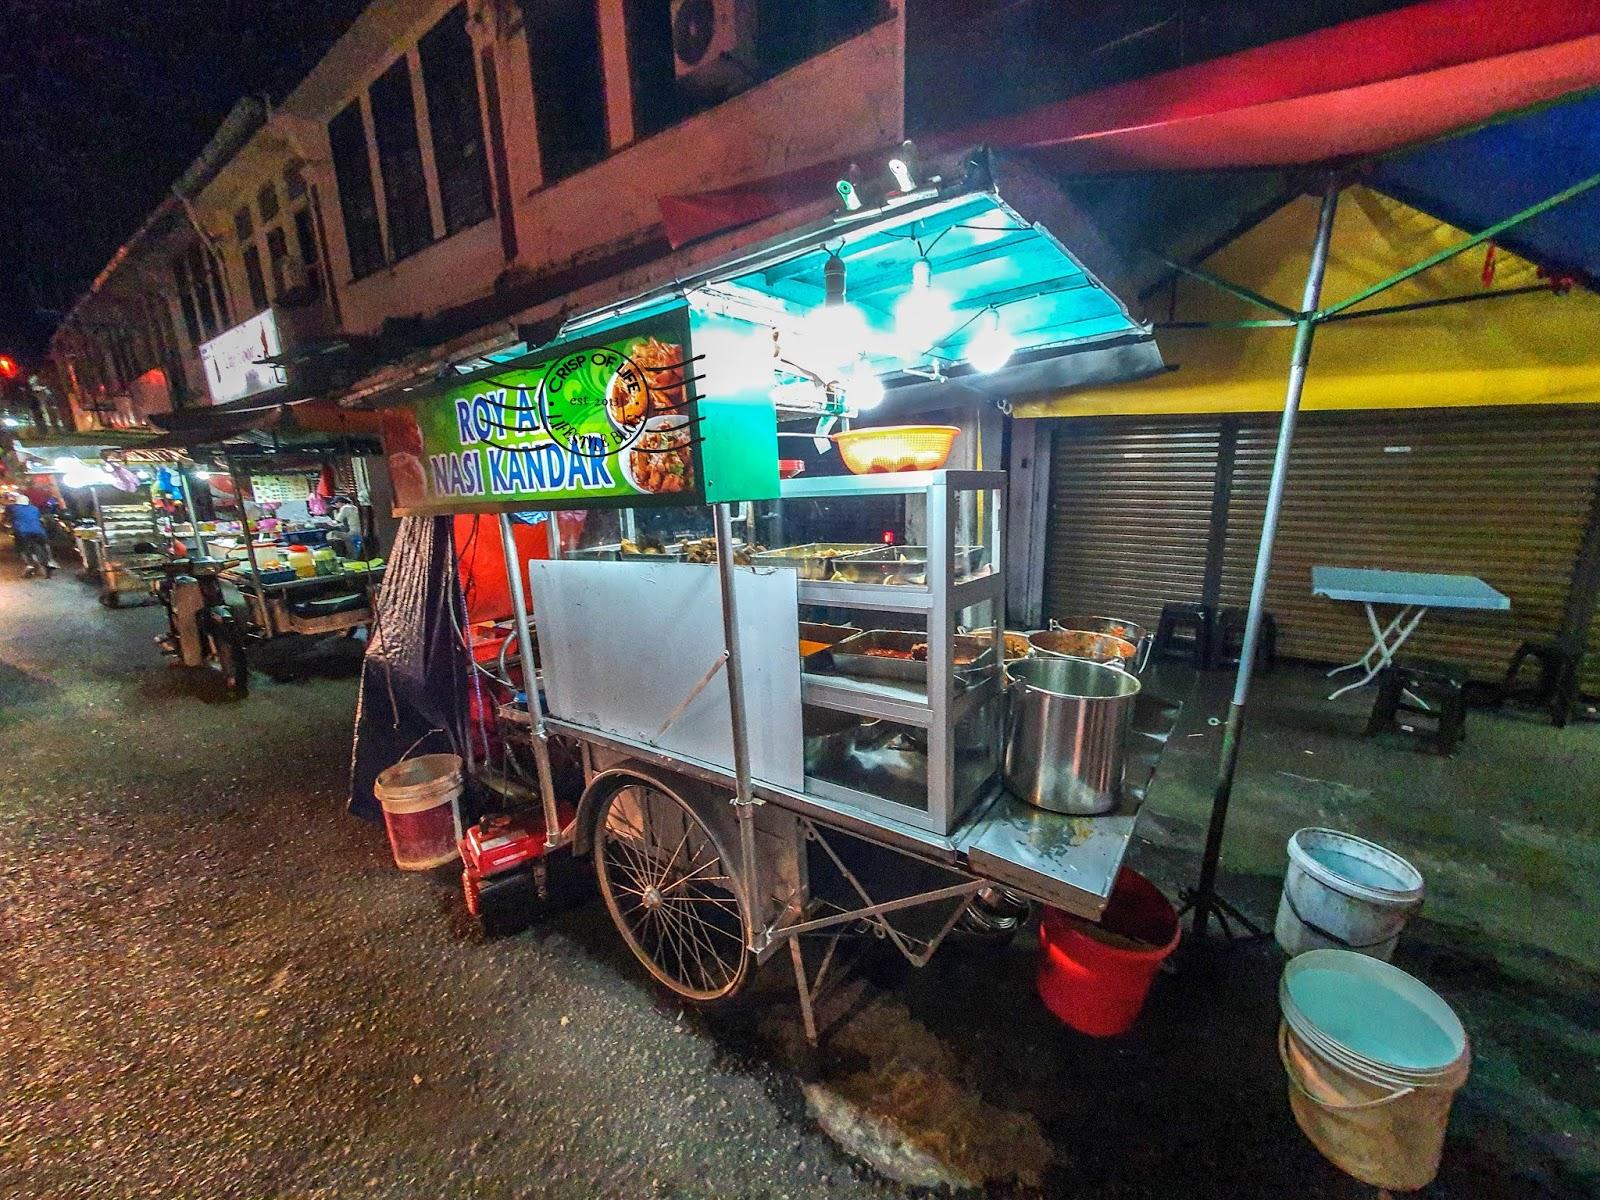 Ayer Itam Famous Roy A1 Nasi Kandar @ Penang